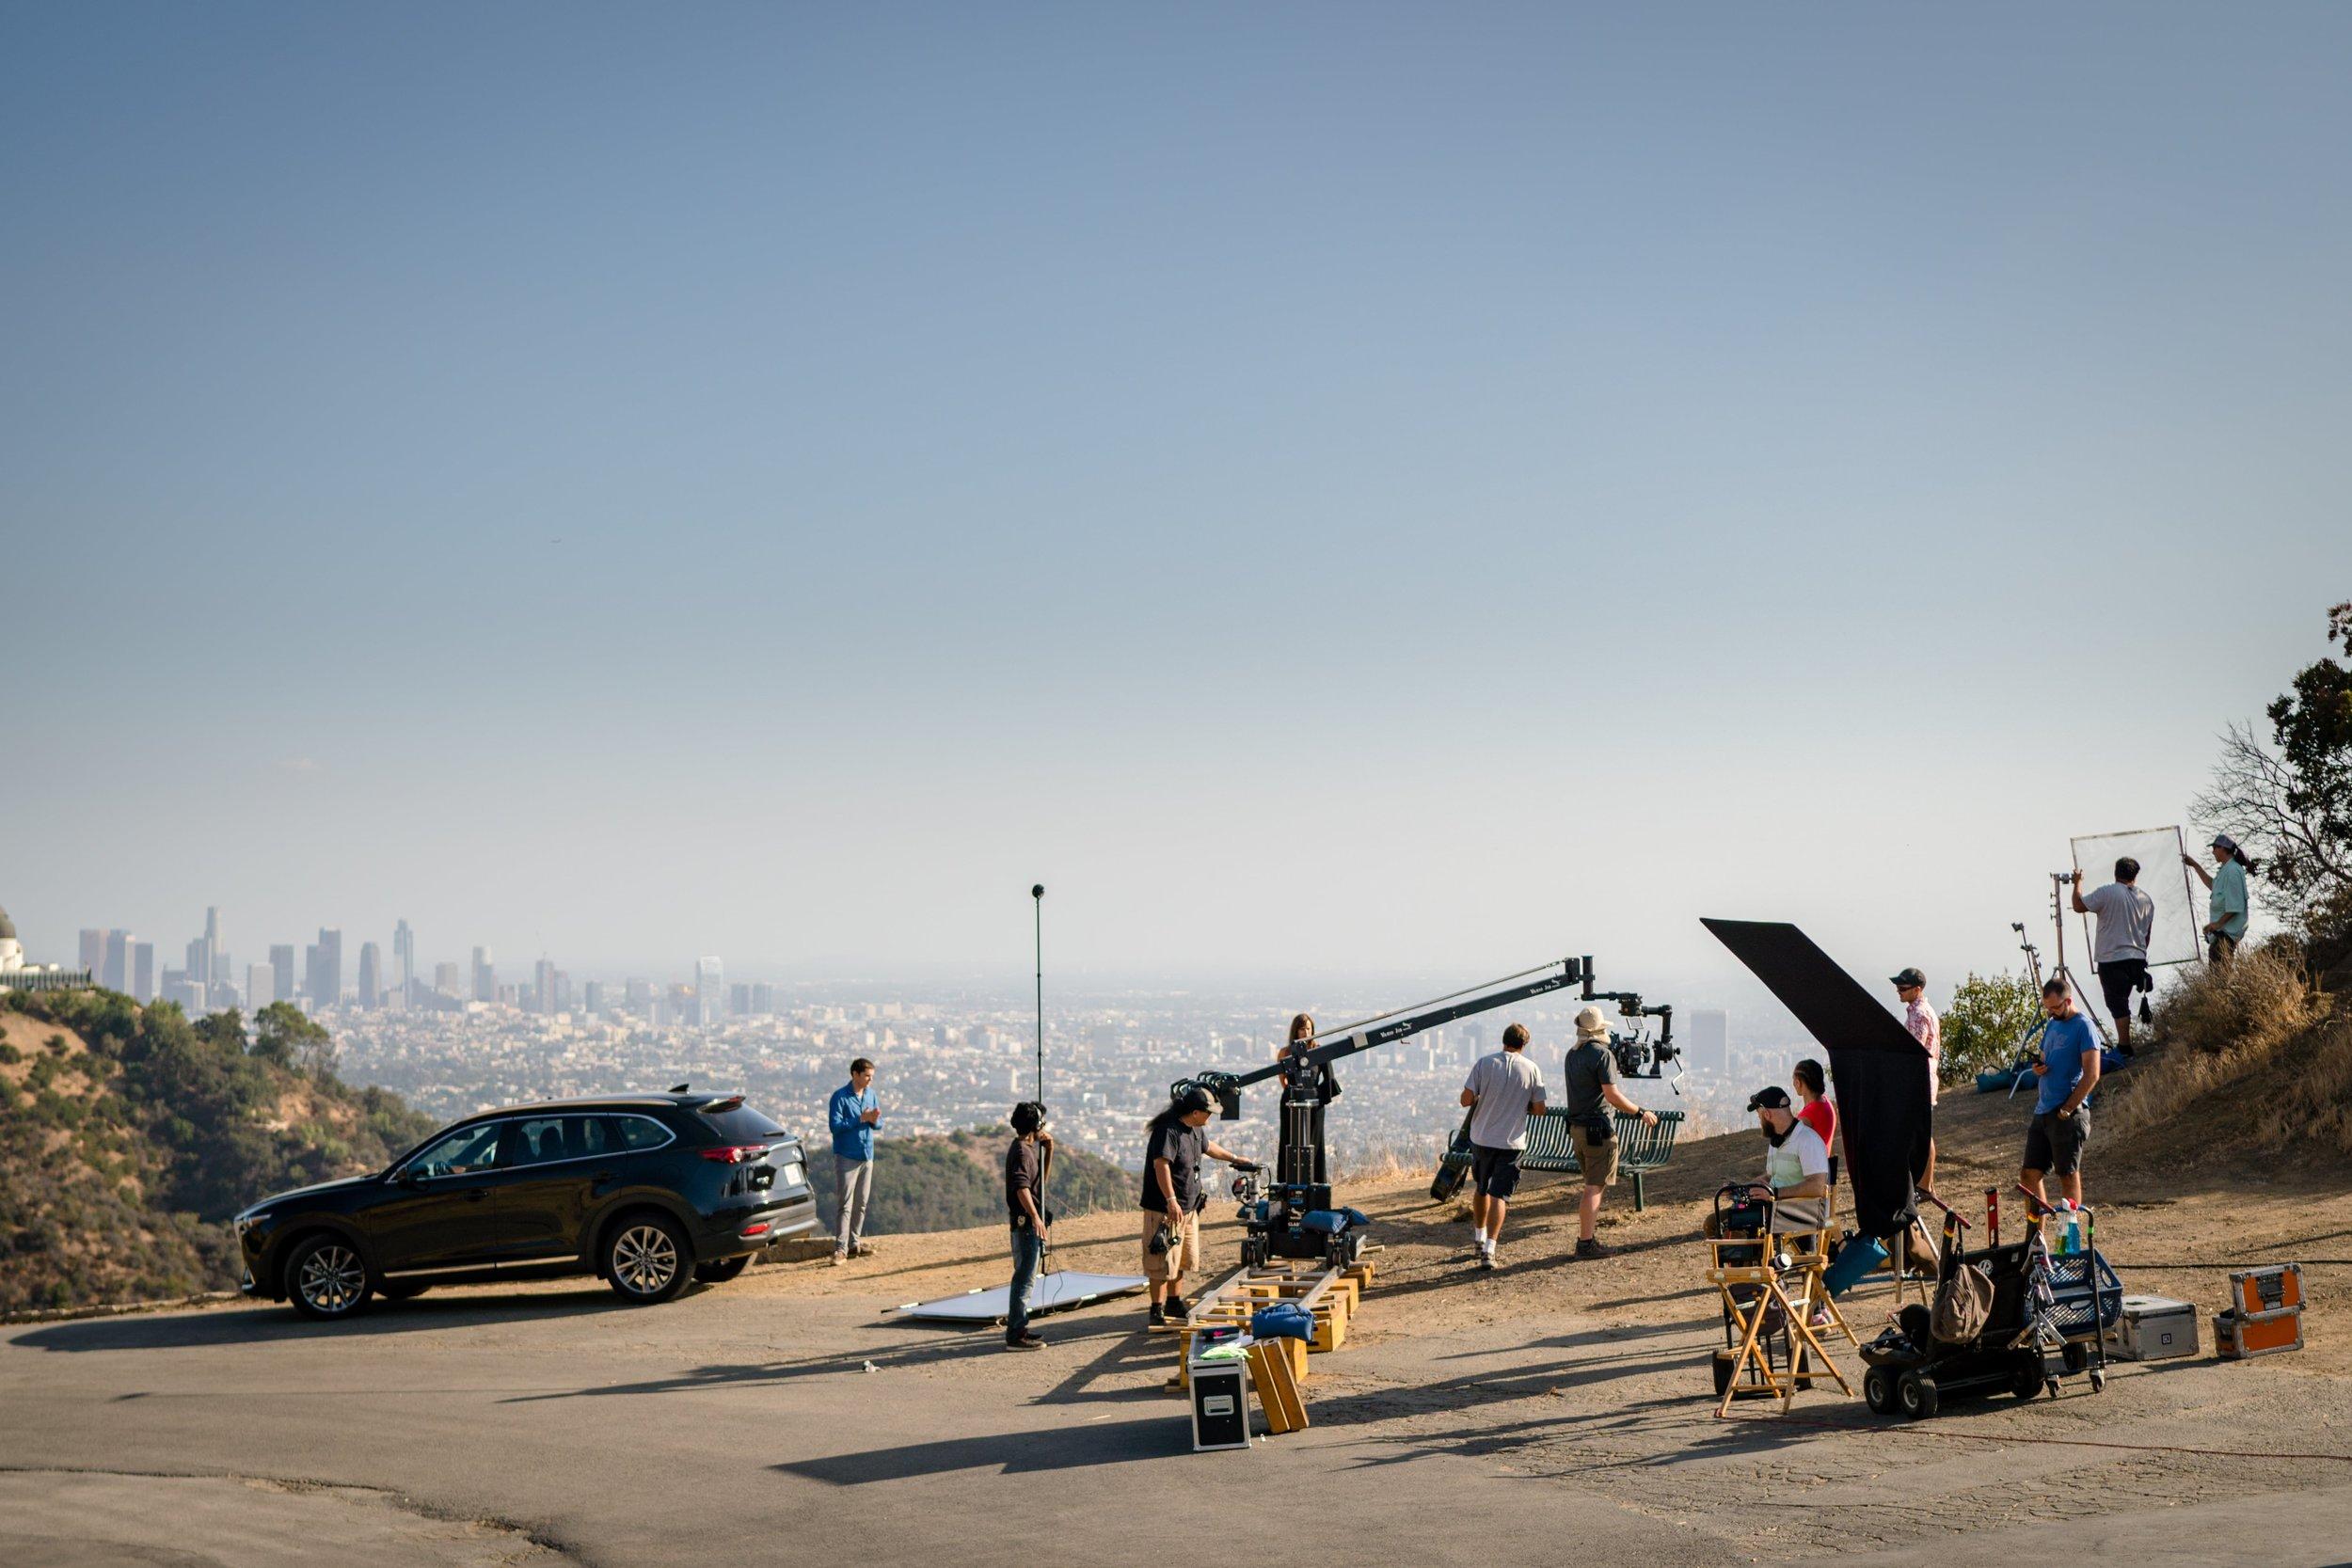 Resonance Film Behind The Scenes 23.jpg